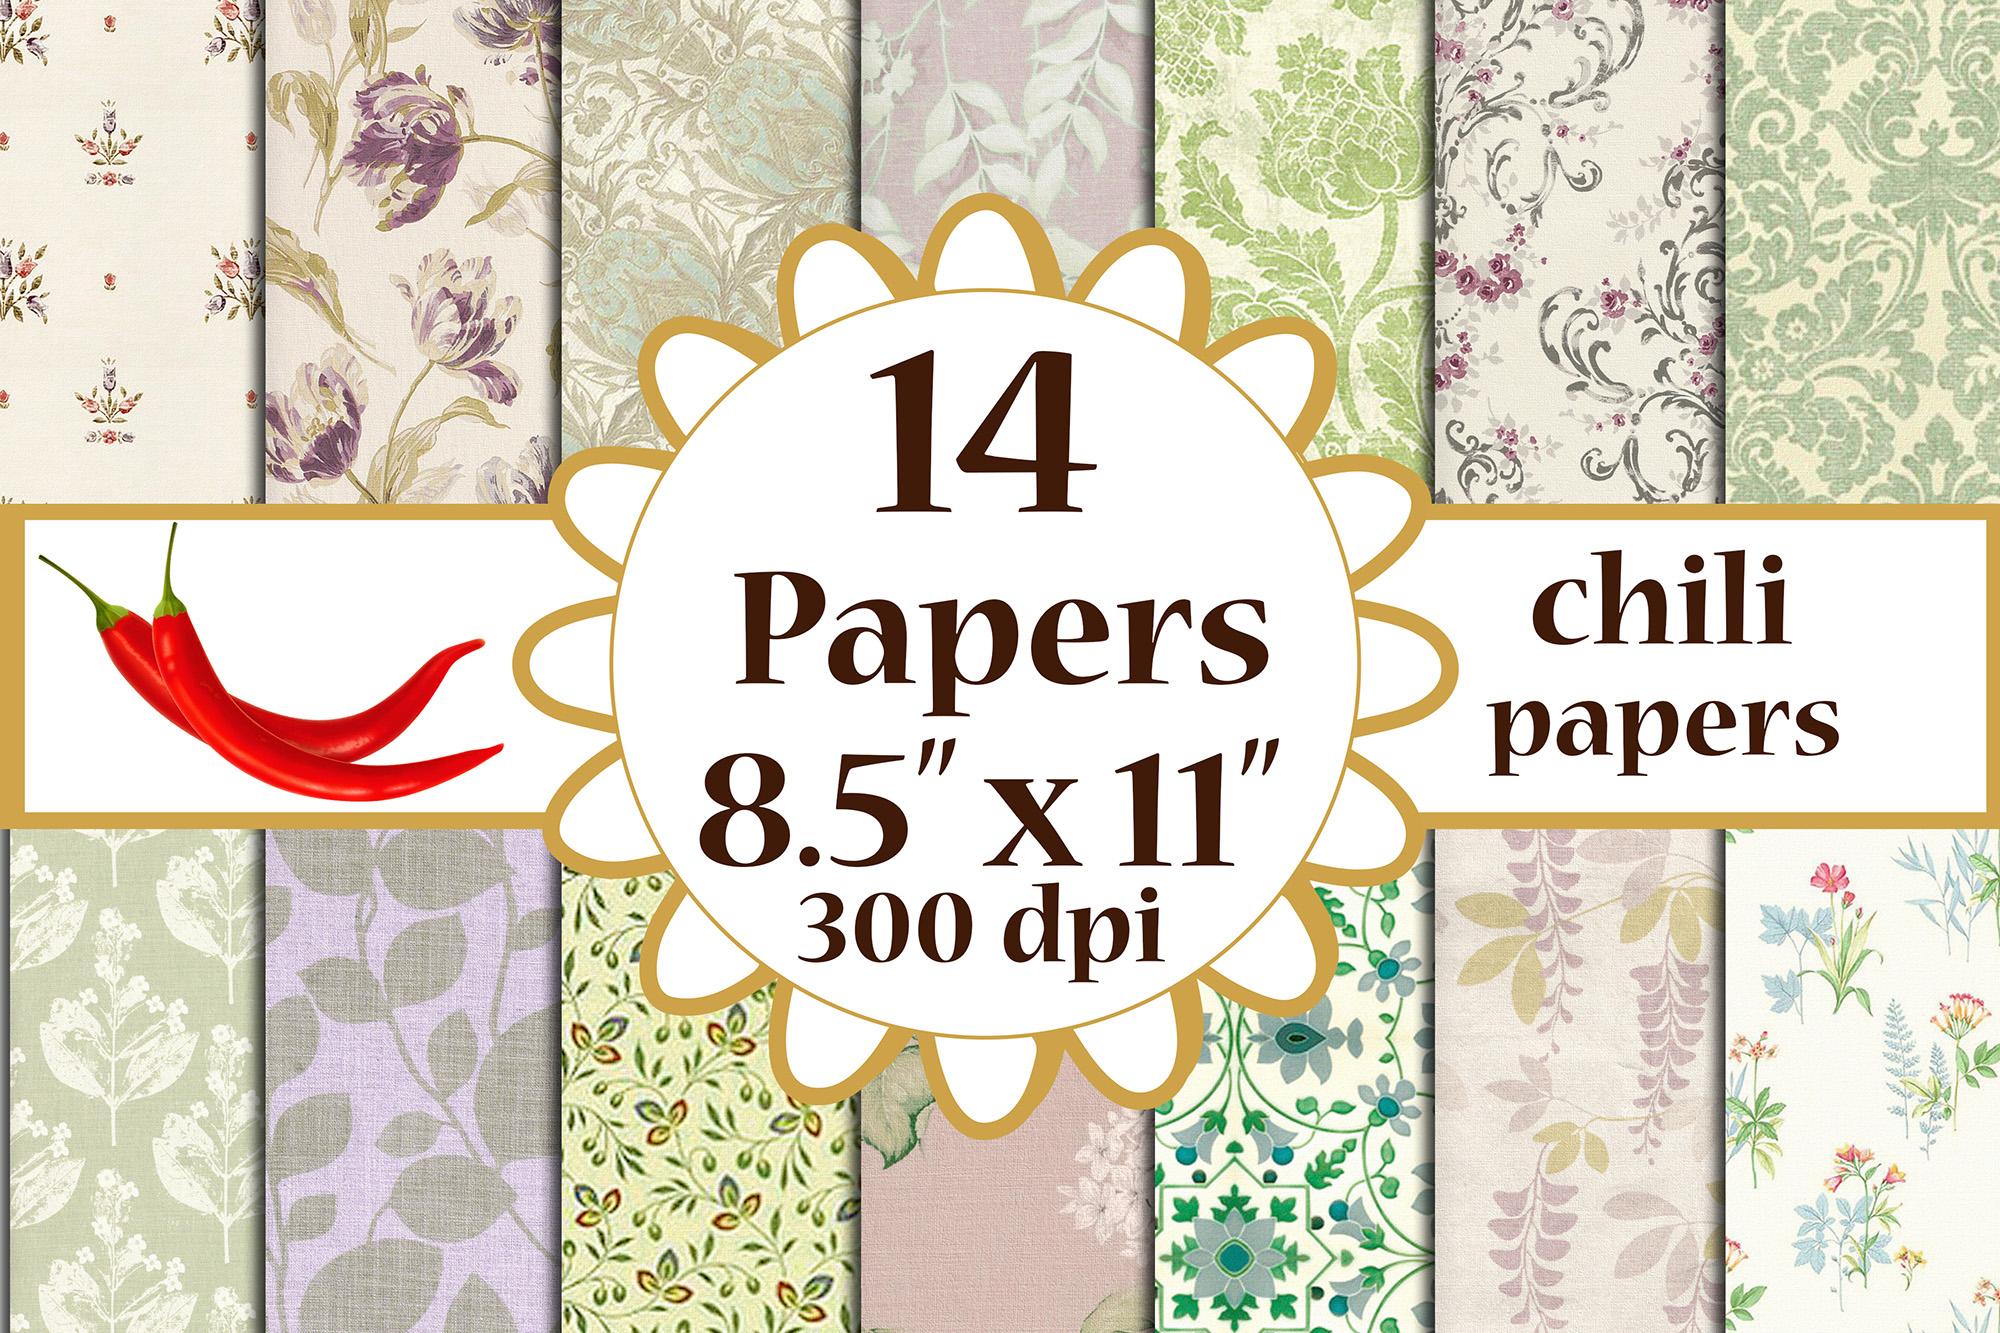 Floral digital paper,Floral Decoupage, Decoupage paper, A4